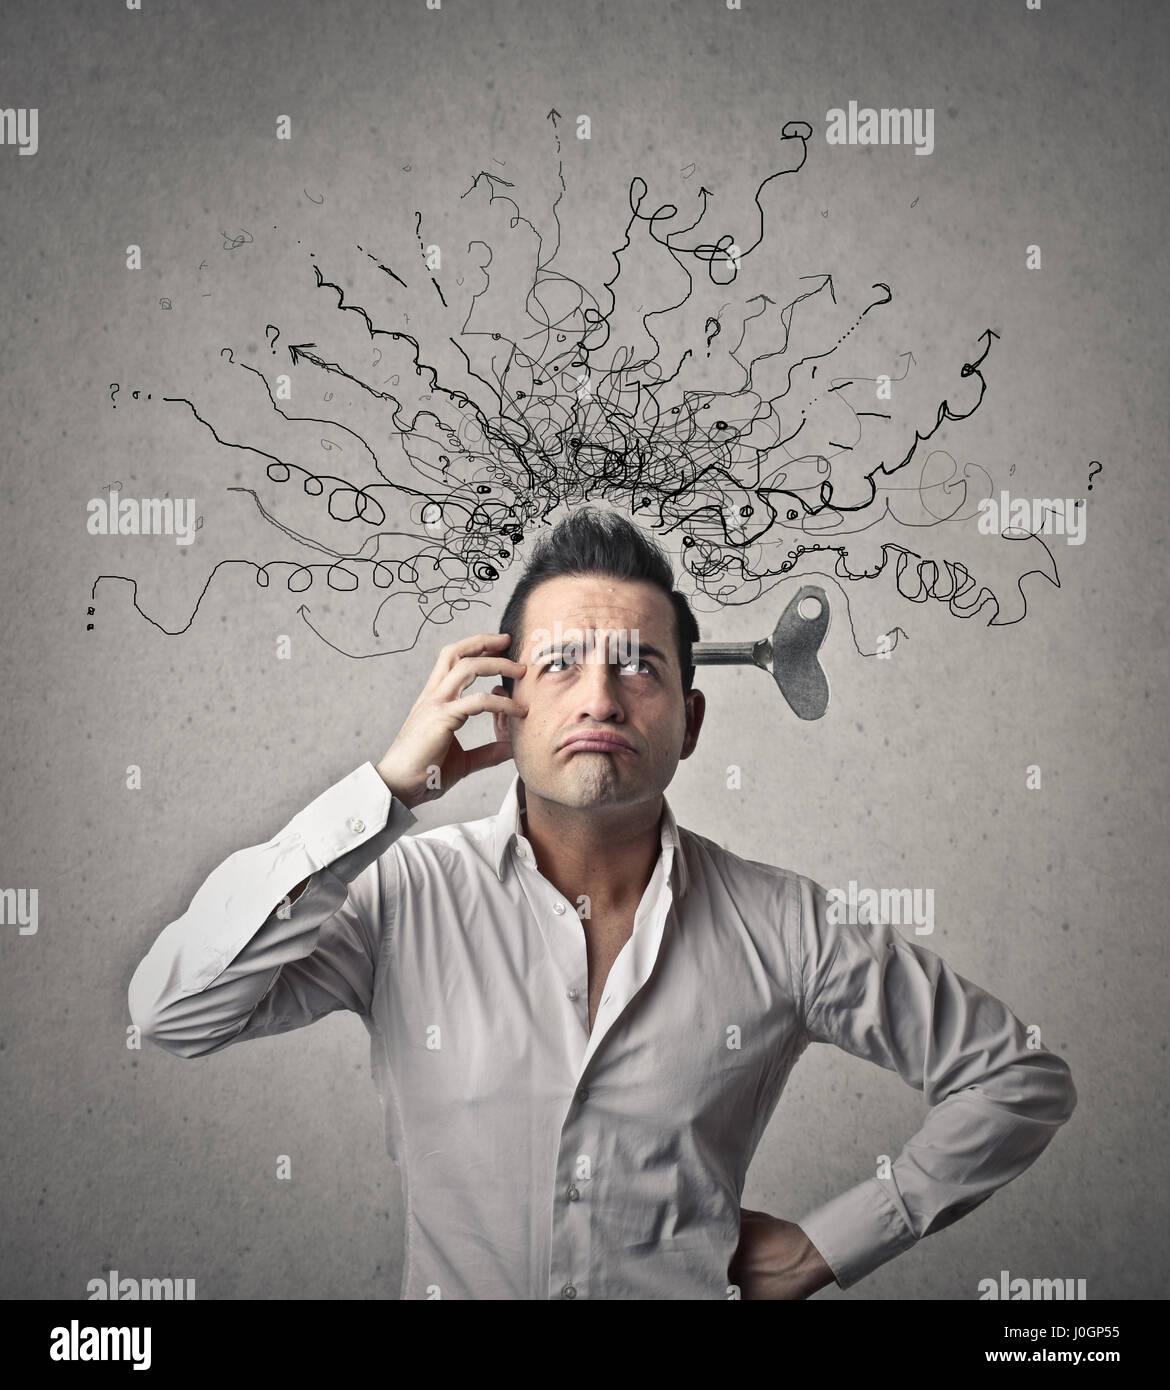 Empresario con un lío en la cabeza Imagen De Stock